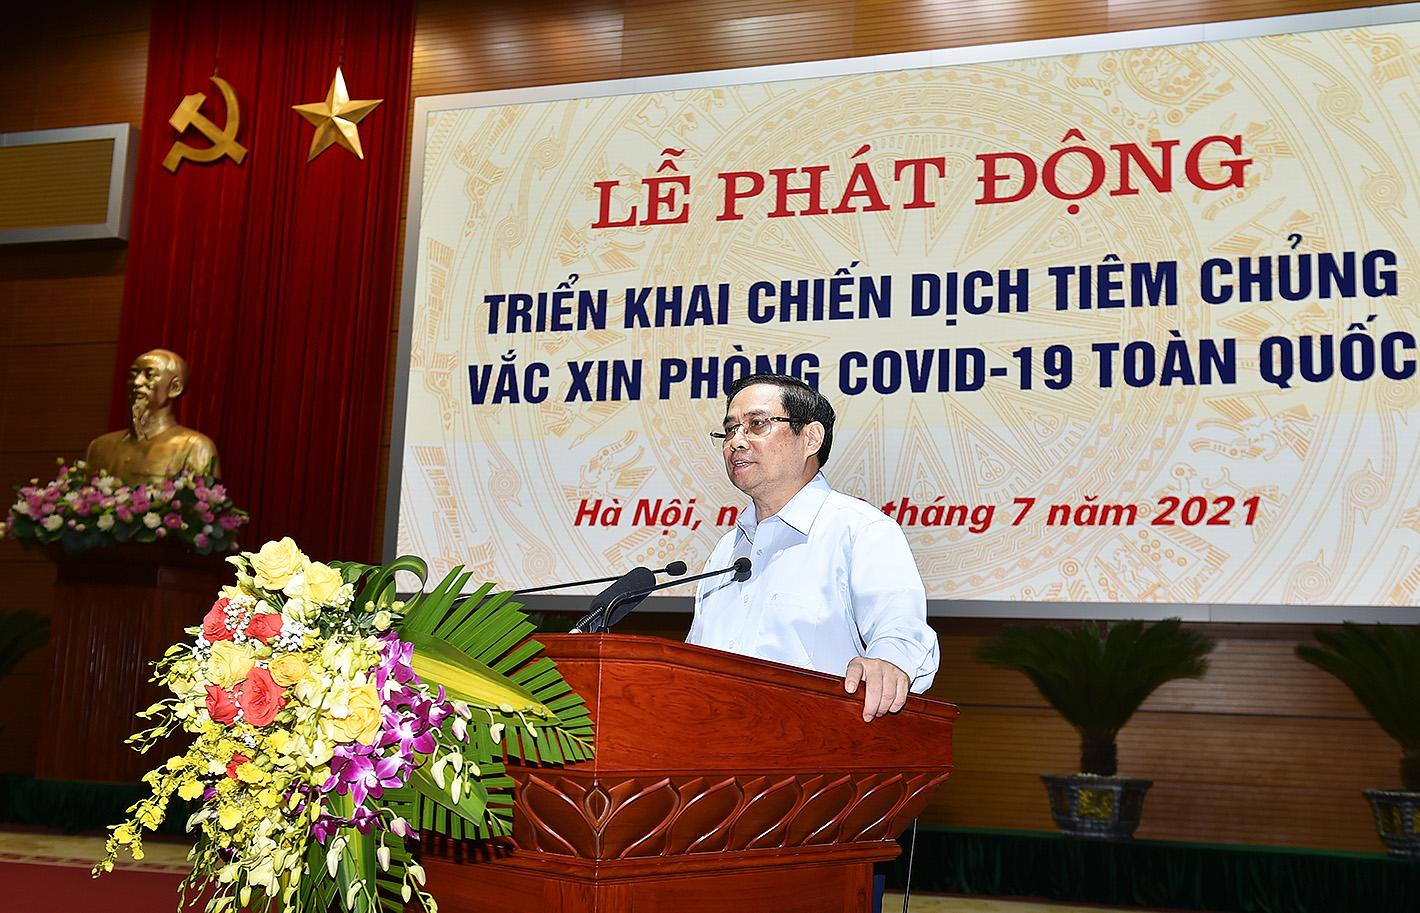 Thủ tướng phát động chiến dịch tiêm chủng lớn nhất lịch sử cho 75 triệu người dân Việt Nam